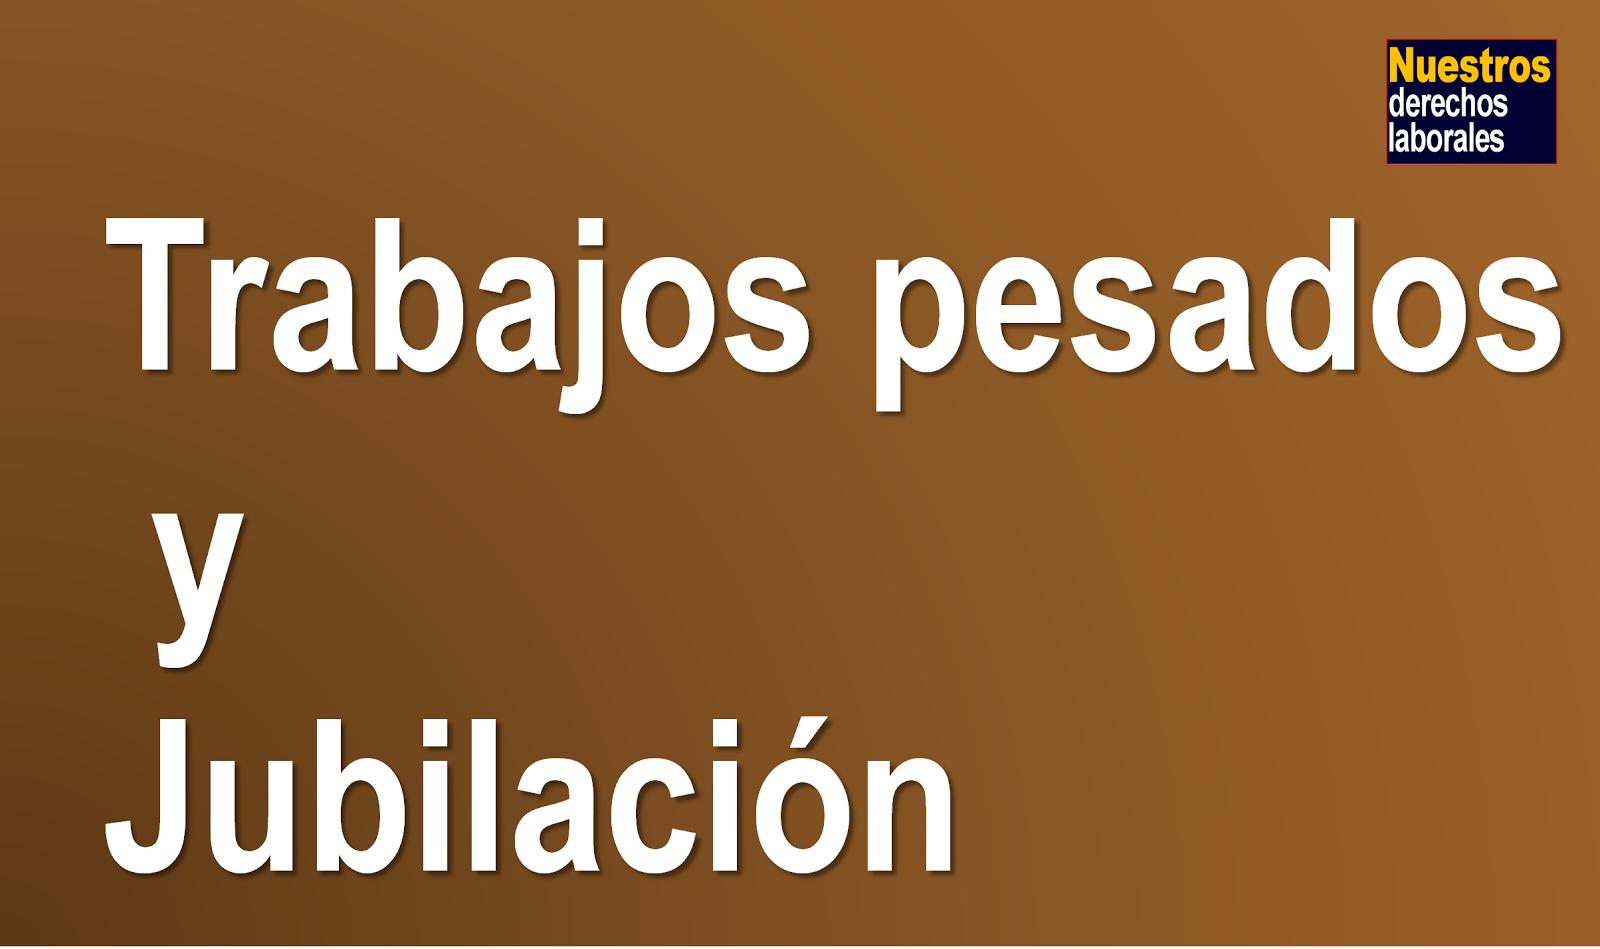 TRABAJOS PESADOS Y JUBILACIÓN. DATOS.